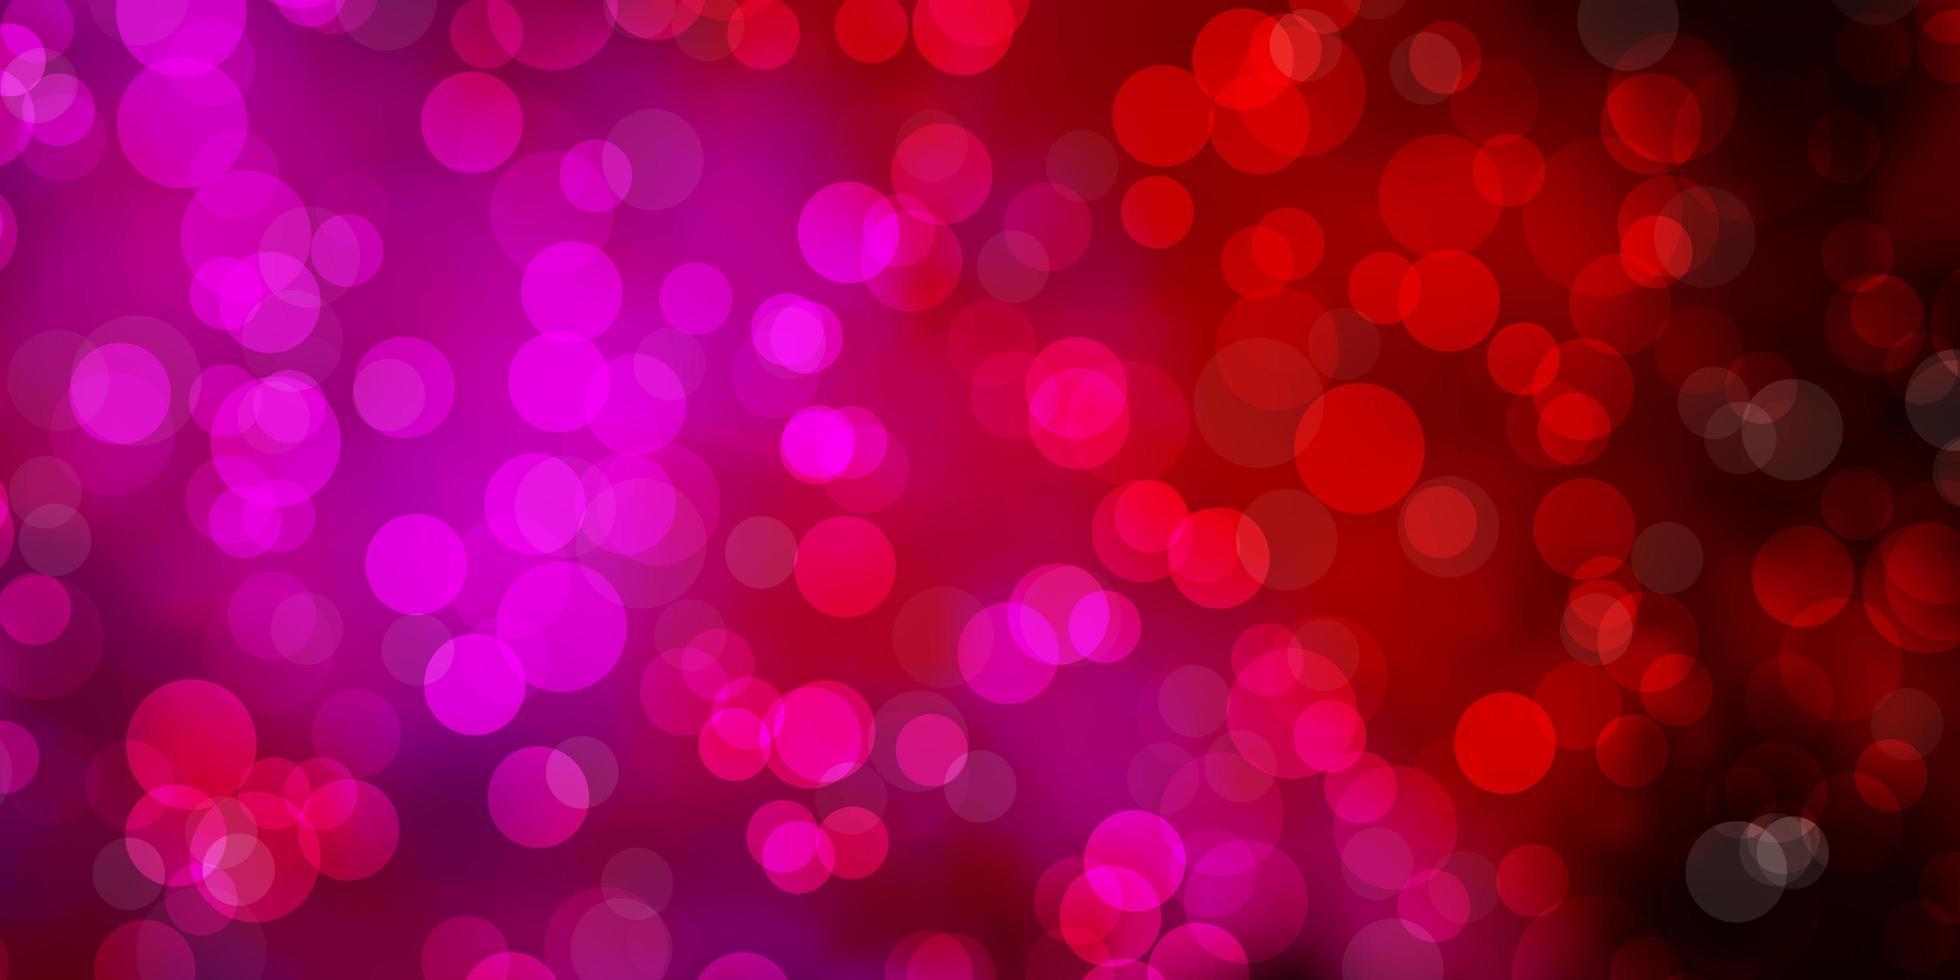 plantilla de vector de color púrpura oscuro, rosa con círculos.